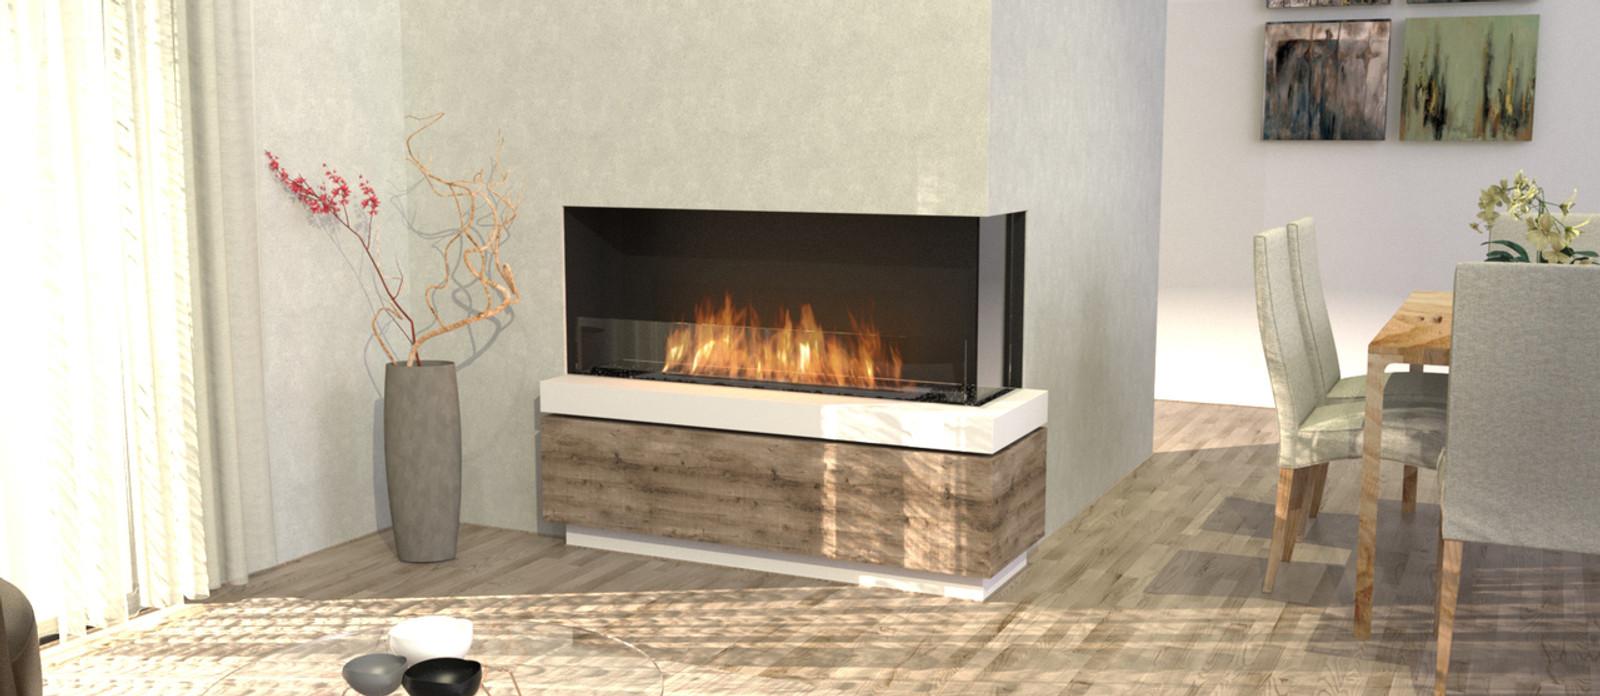 Flex Right Corner with left decorative box